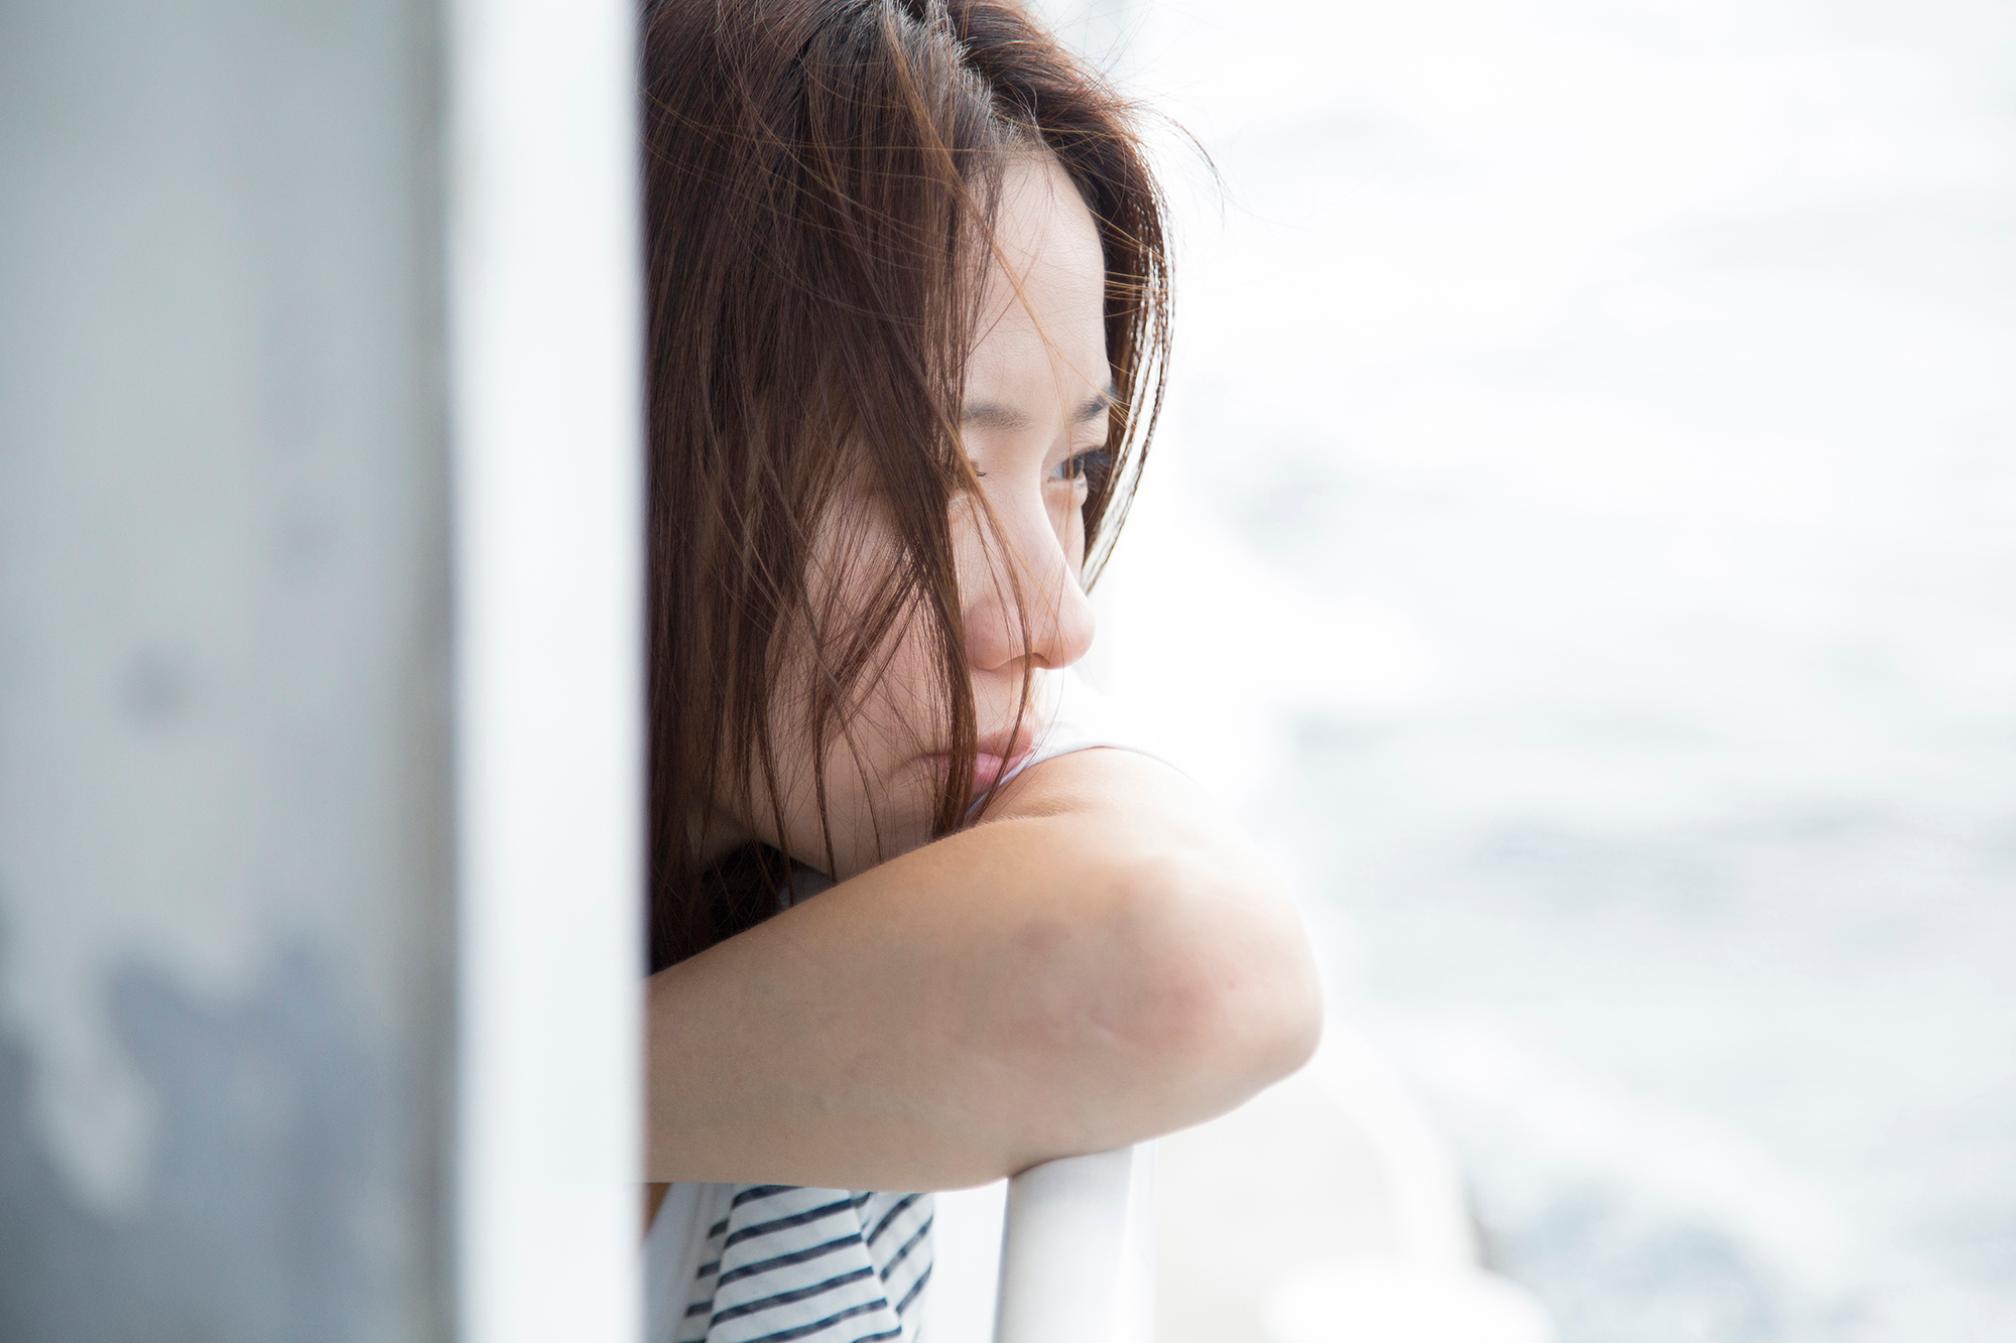 百日告別劇照 5